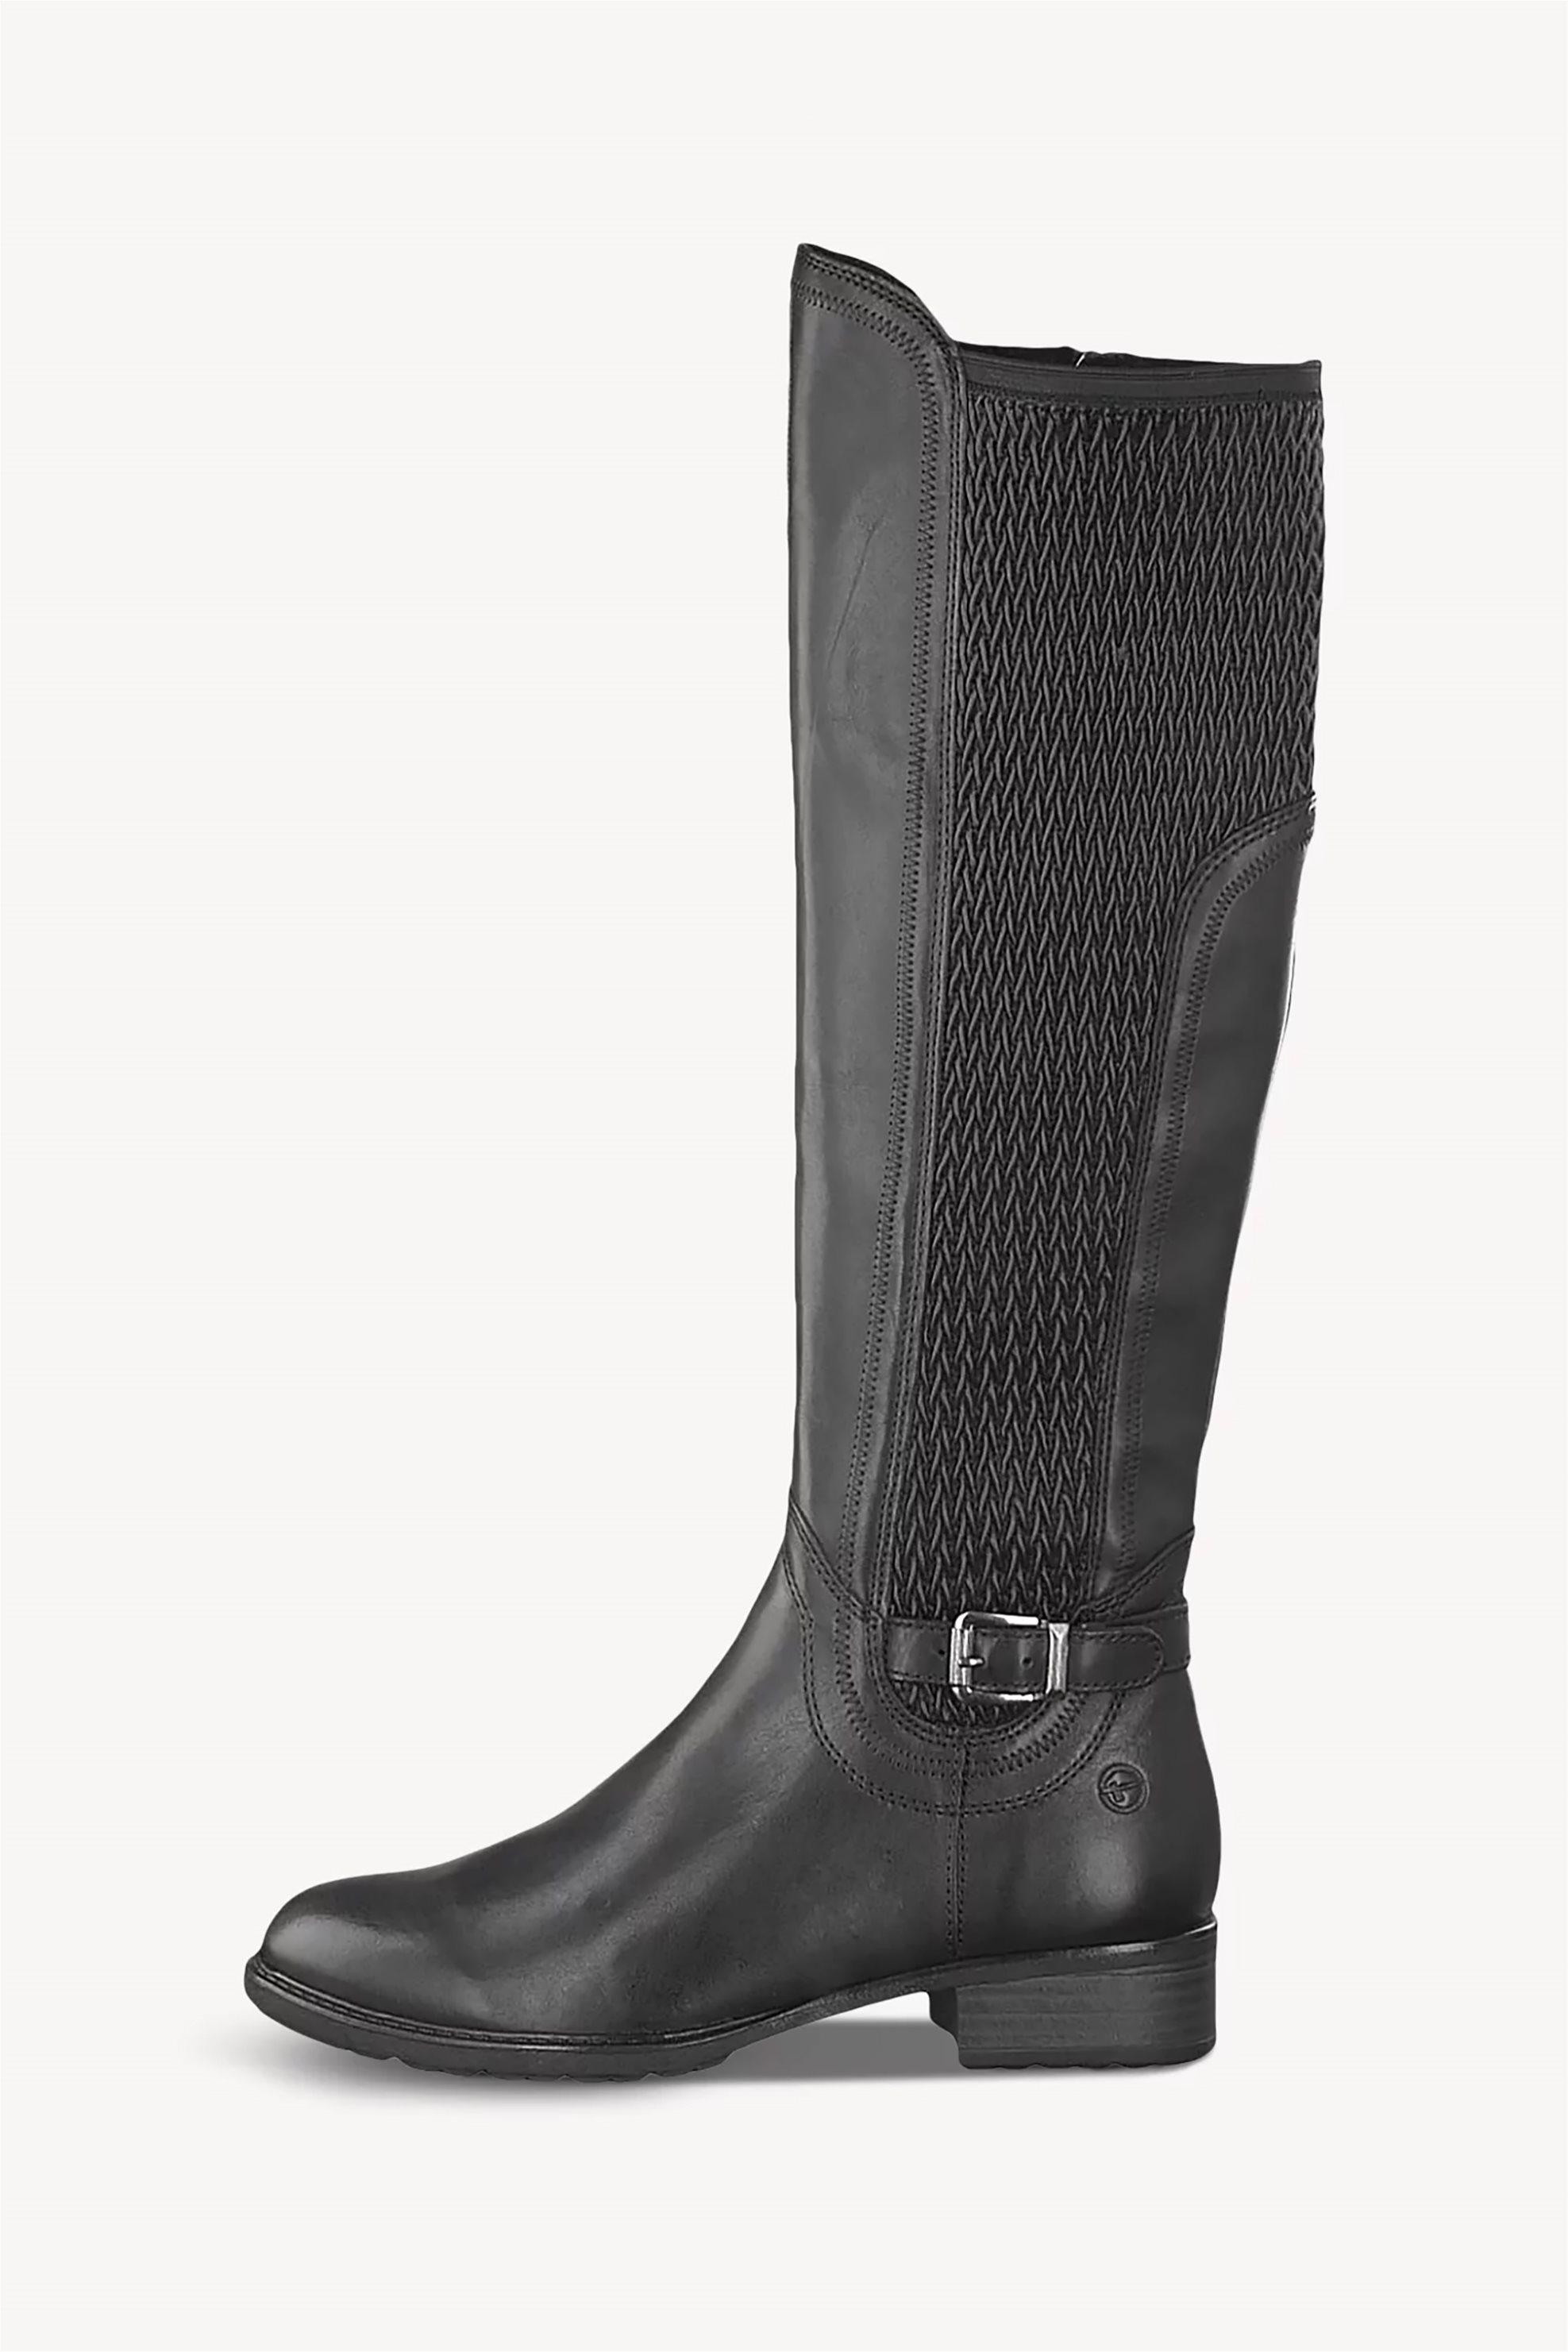 Τamaris γυναικείες μπότες με ανάγλυφο σχέδιο – 1-1-25511-23 – Μαύρο